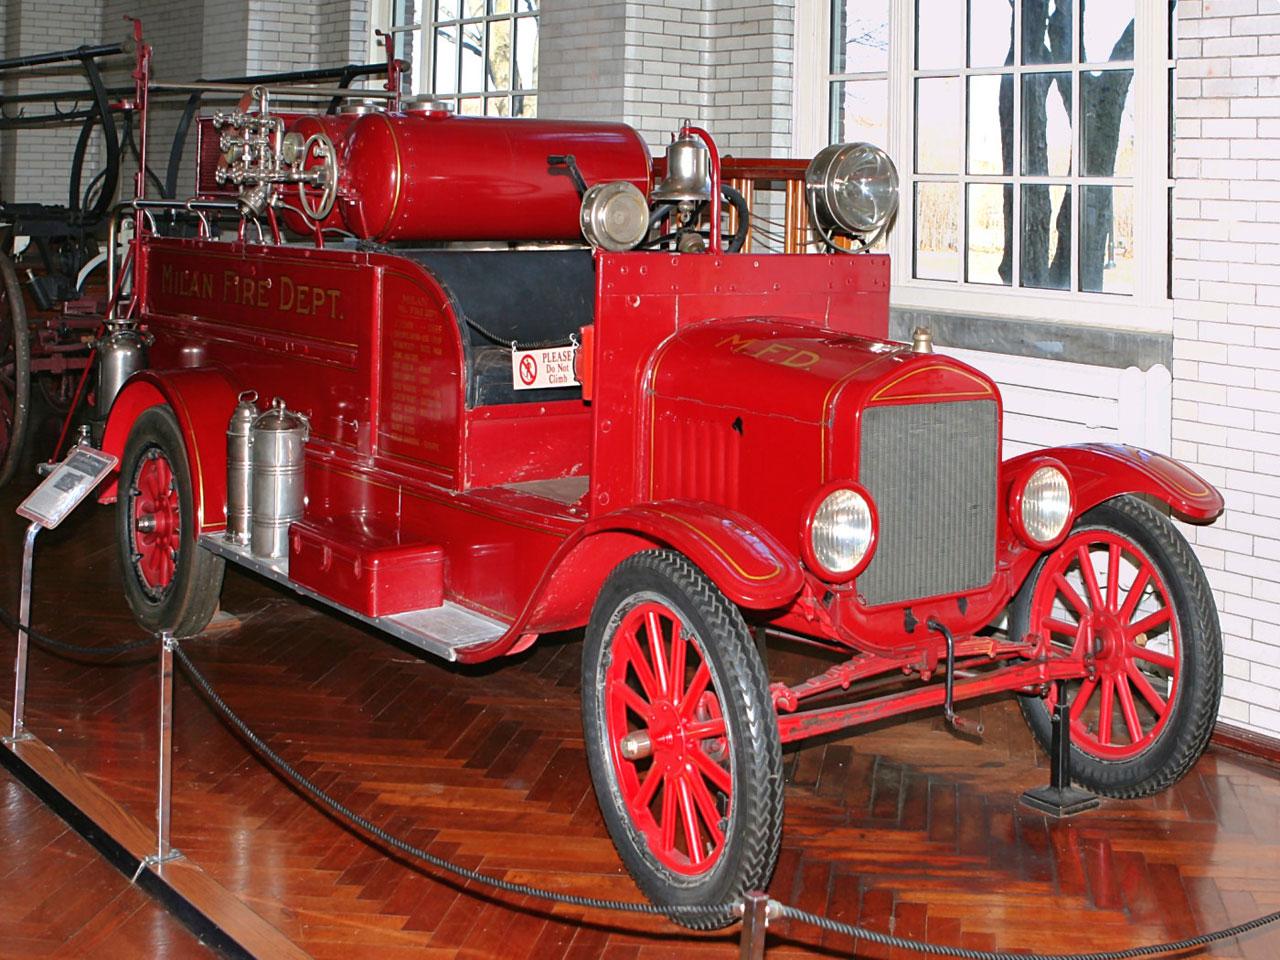 хромченко, картинка старинных пожарных машин наличию сибирских